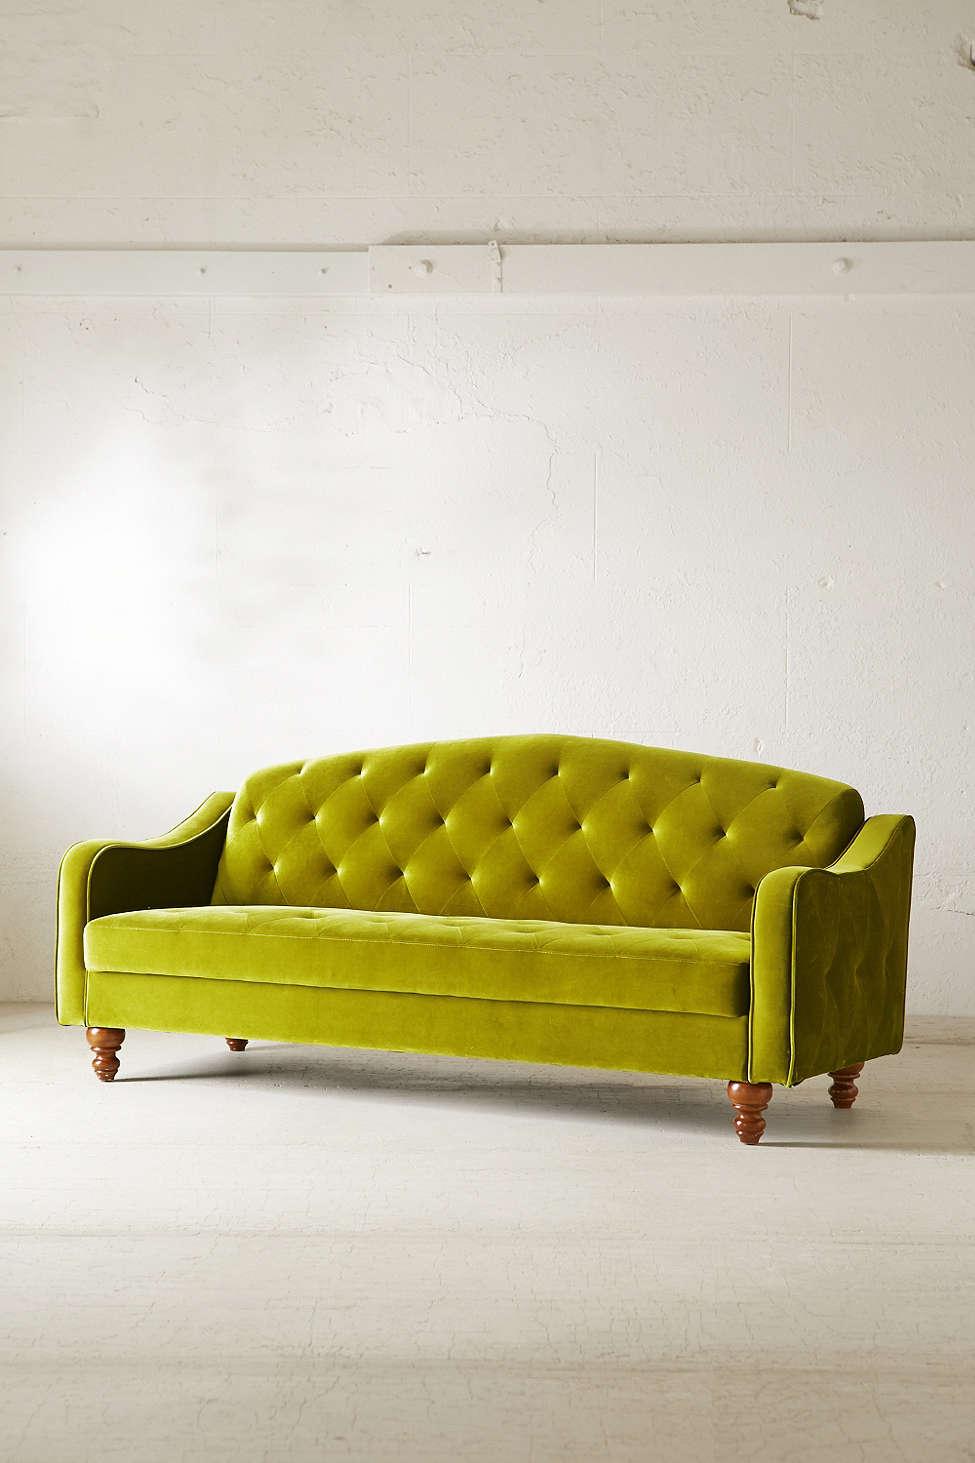 ava-velvet-tufted-sleeper-sofa-urban-outfitters.jpg